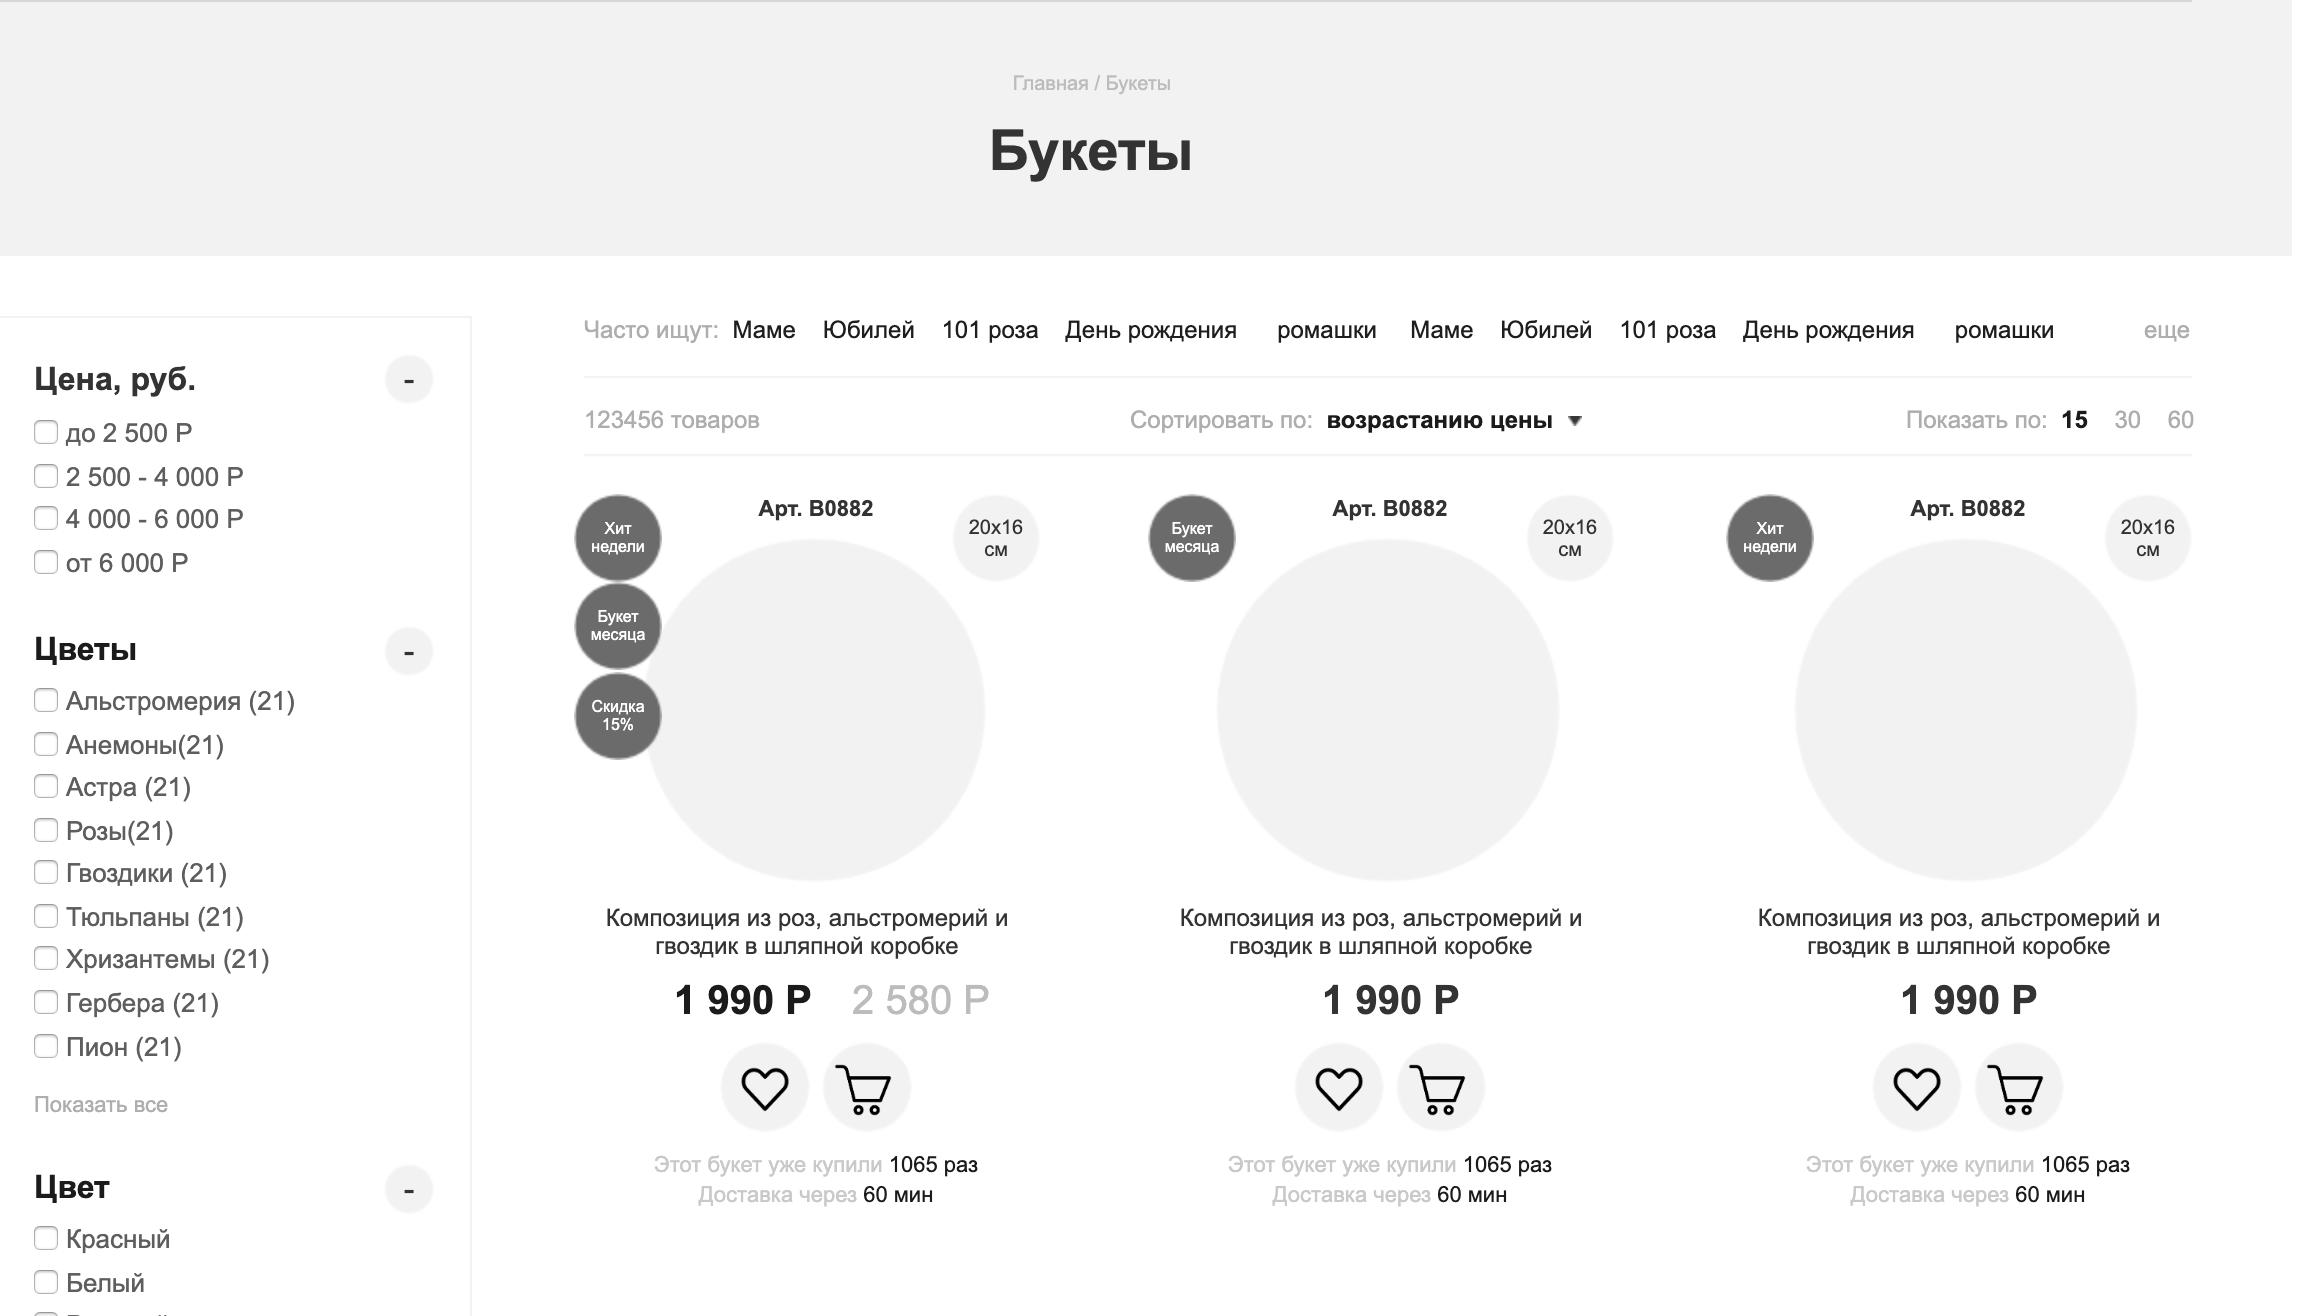 Проектирование интернет-магазина для SEO: (теория + чеклист) - 4